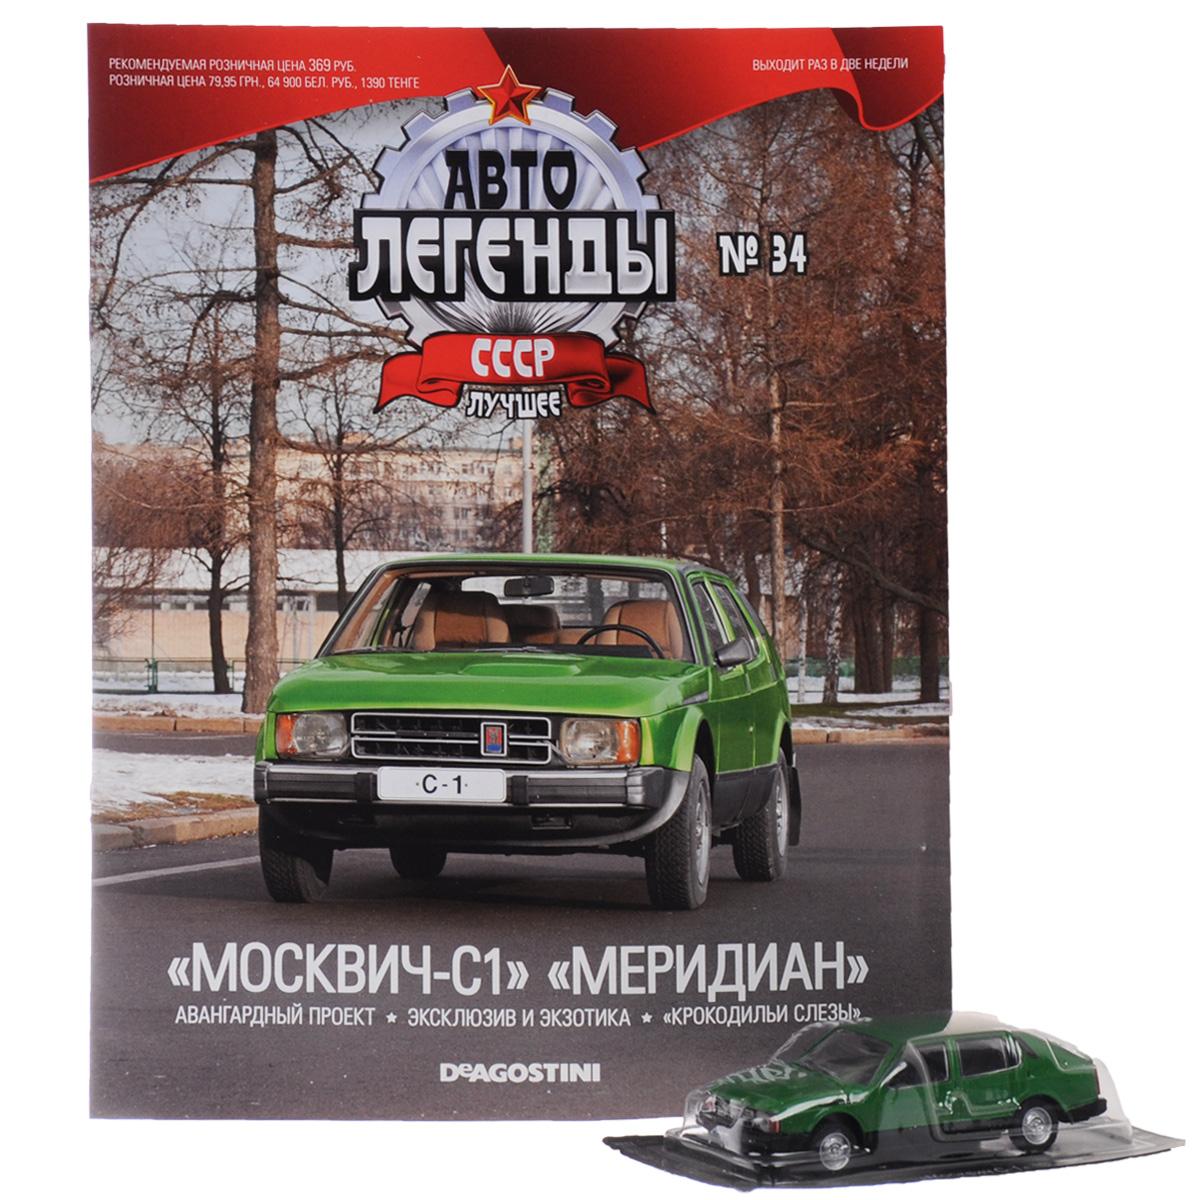 Журнал Авто легенды СССР №34 журнал моделей 20 подростковая одежда